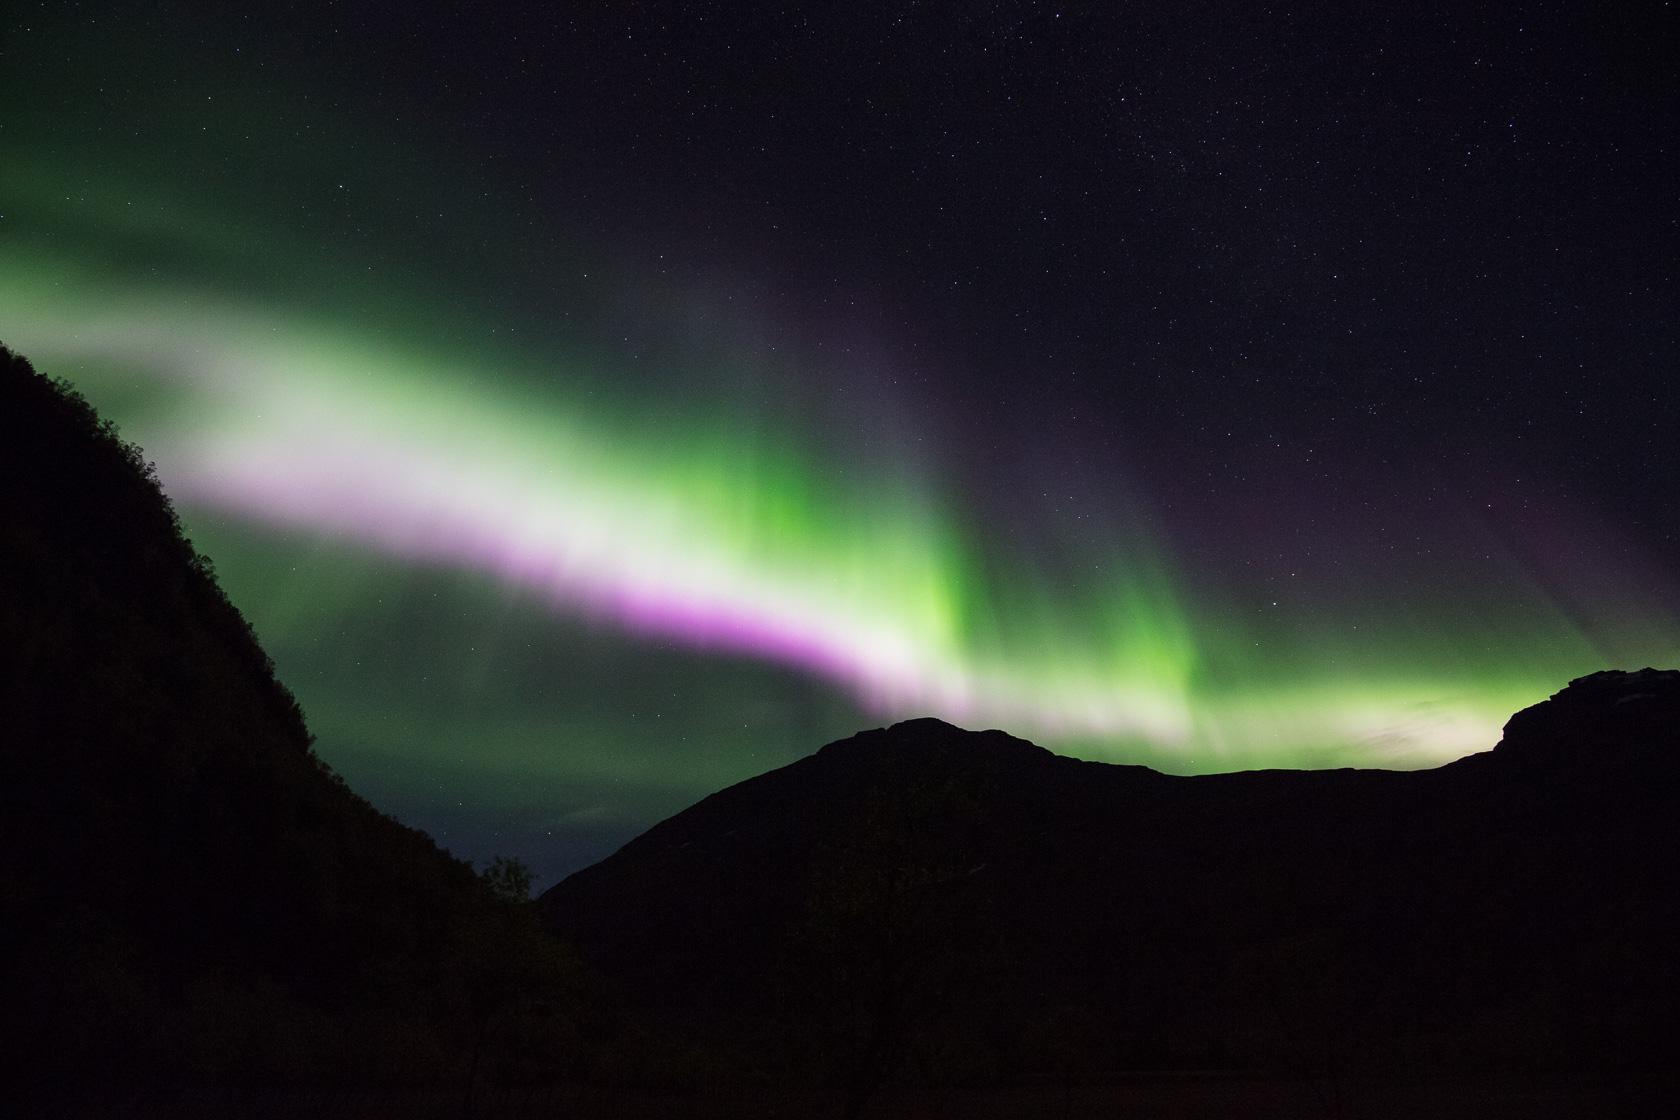 aurore boréale multicolore pendant une tempête géomagnétique, en Norvège